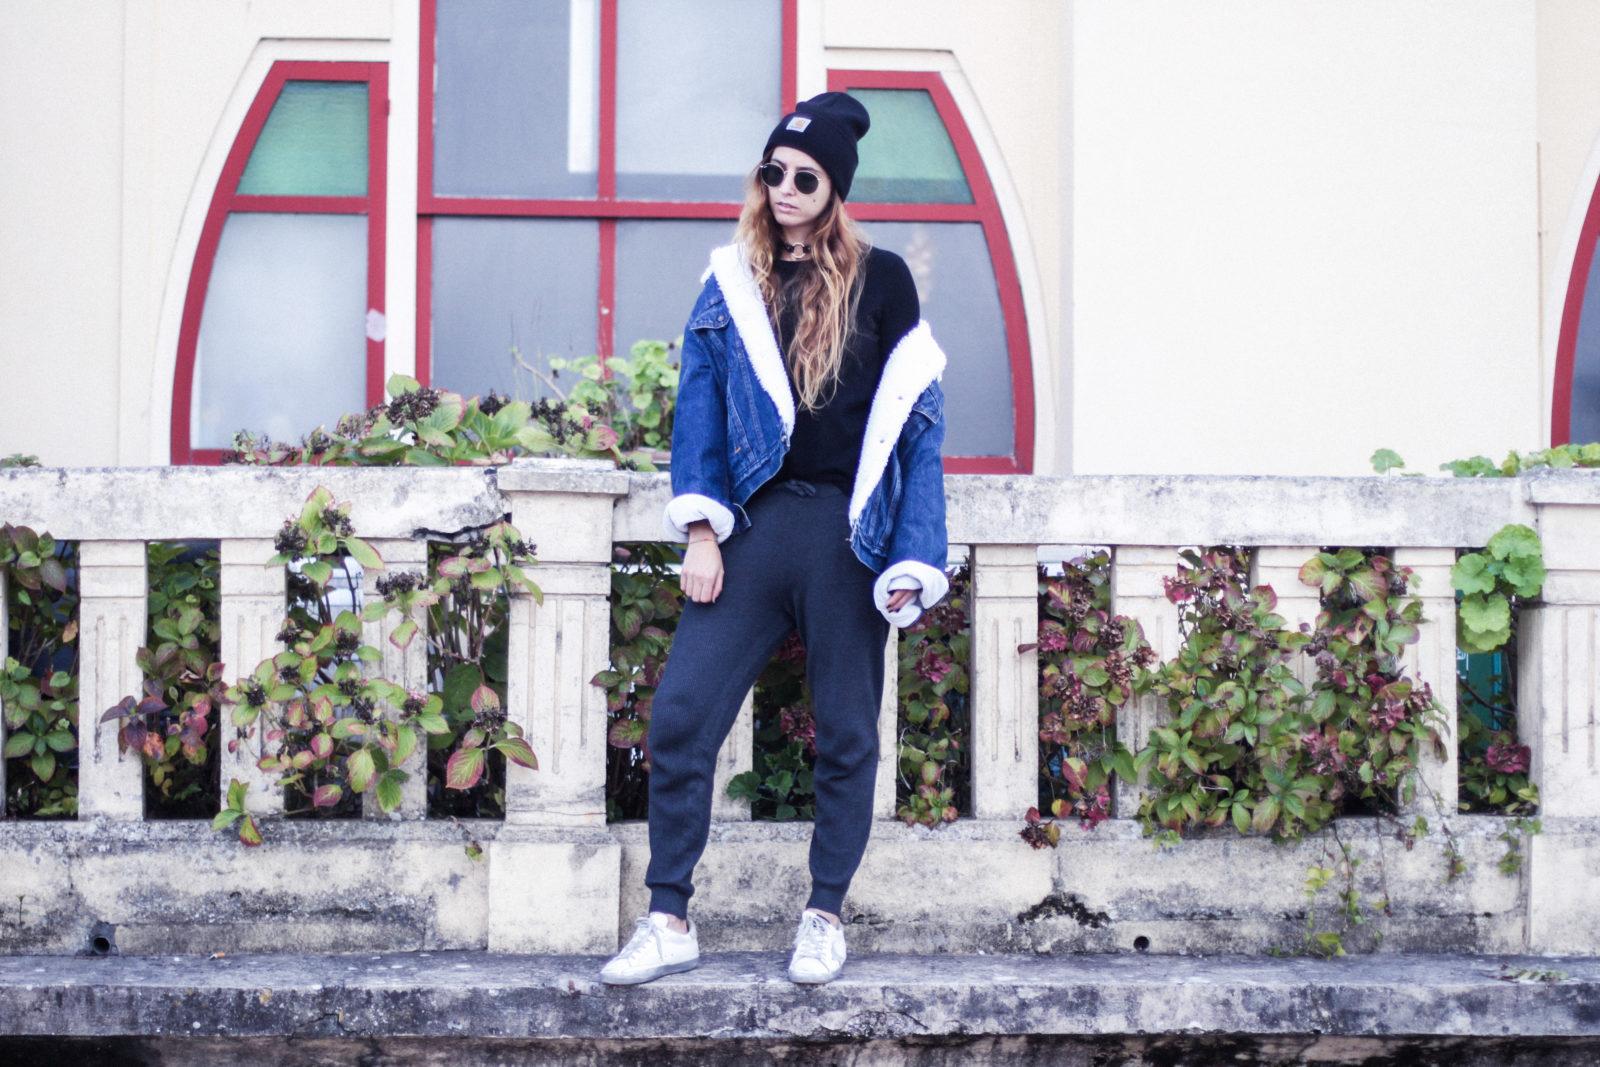 cazadora_vaquera_de_borreguillo_levis_vintage_golden_goose_gorrito_beanie_tendencias_2016_fall_trends_street_style_choker_donkeycool-26